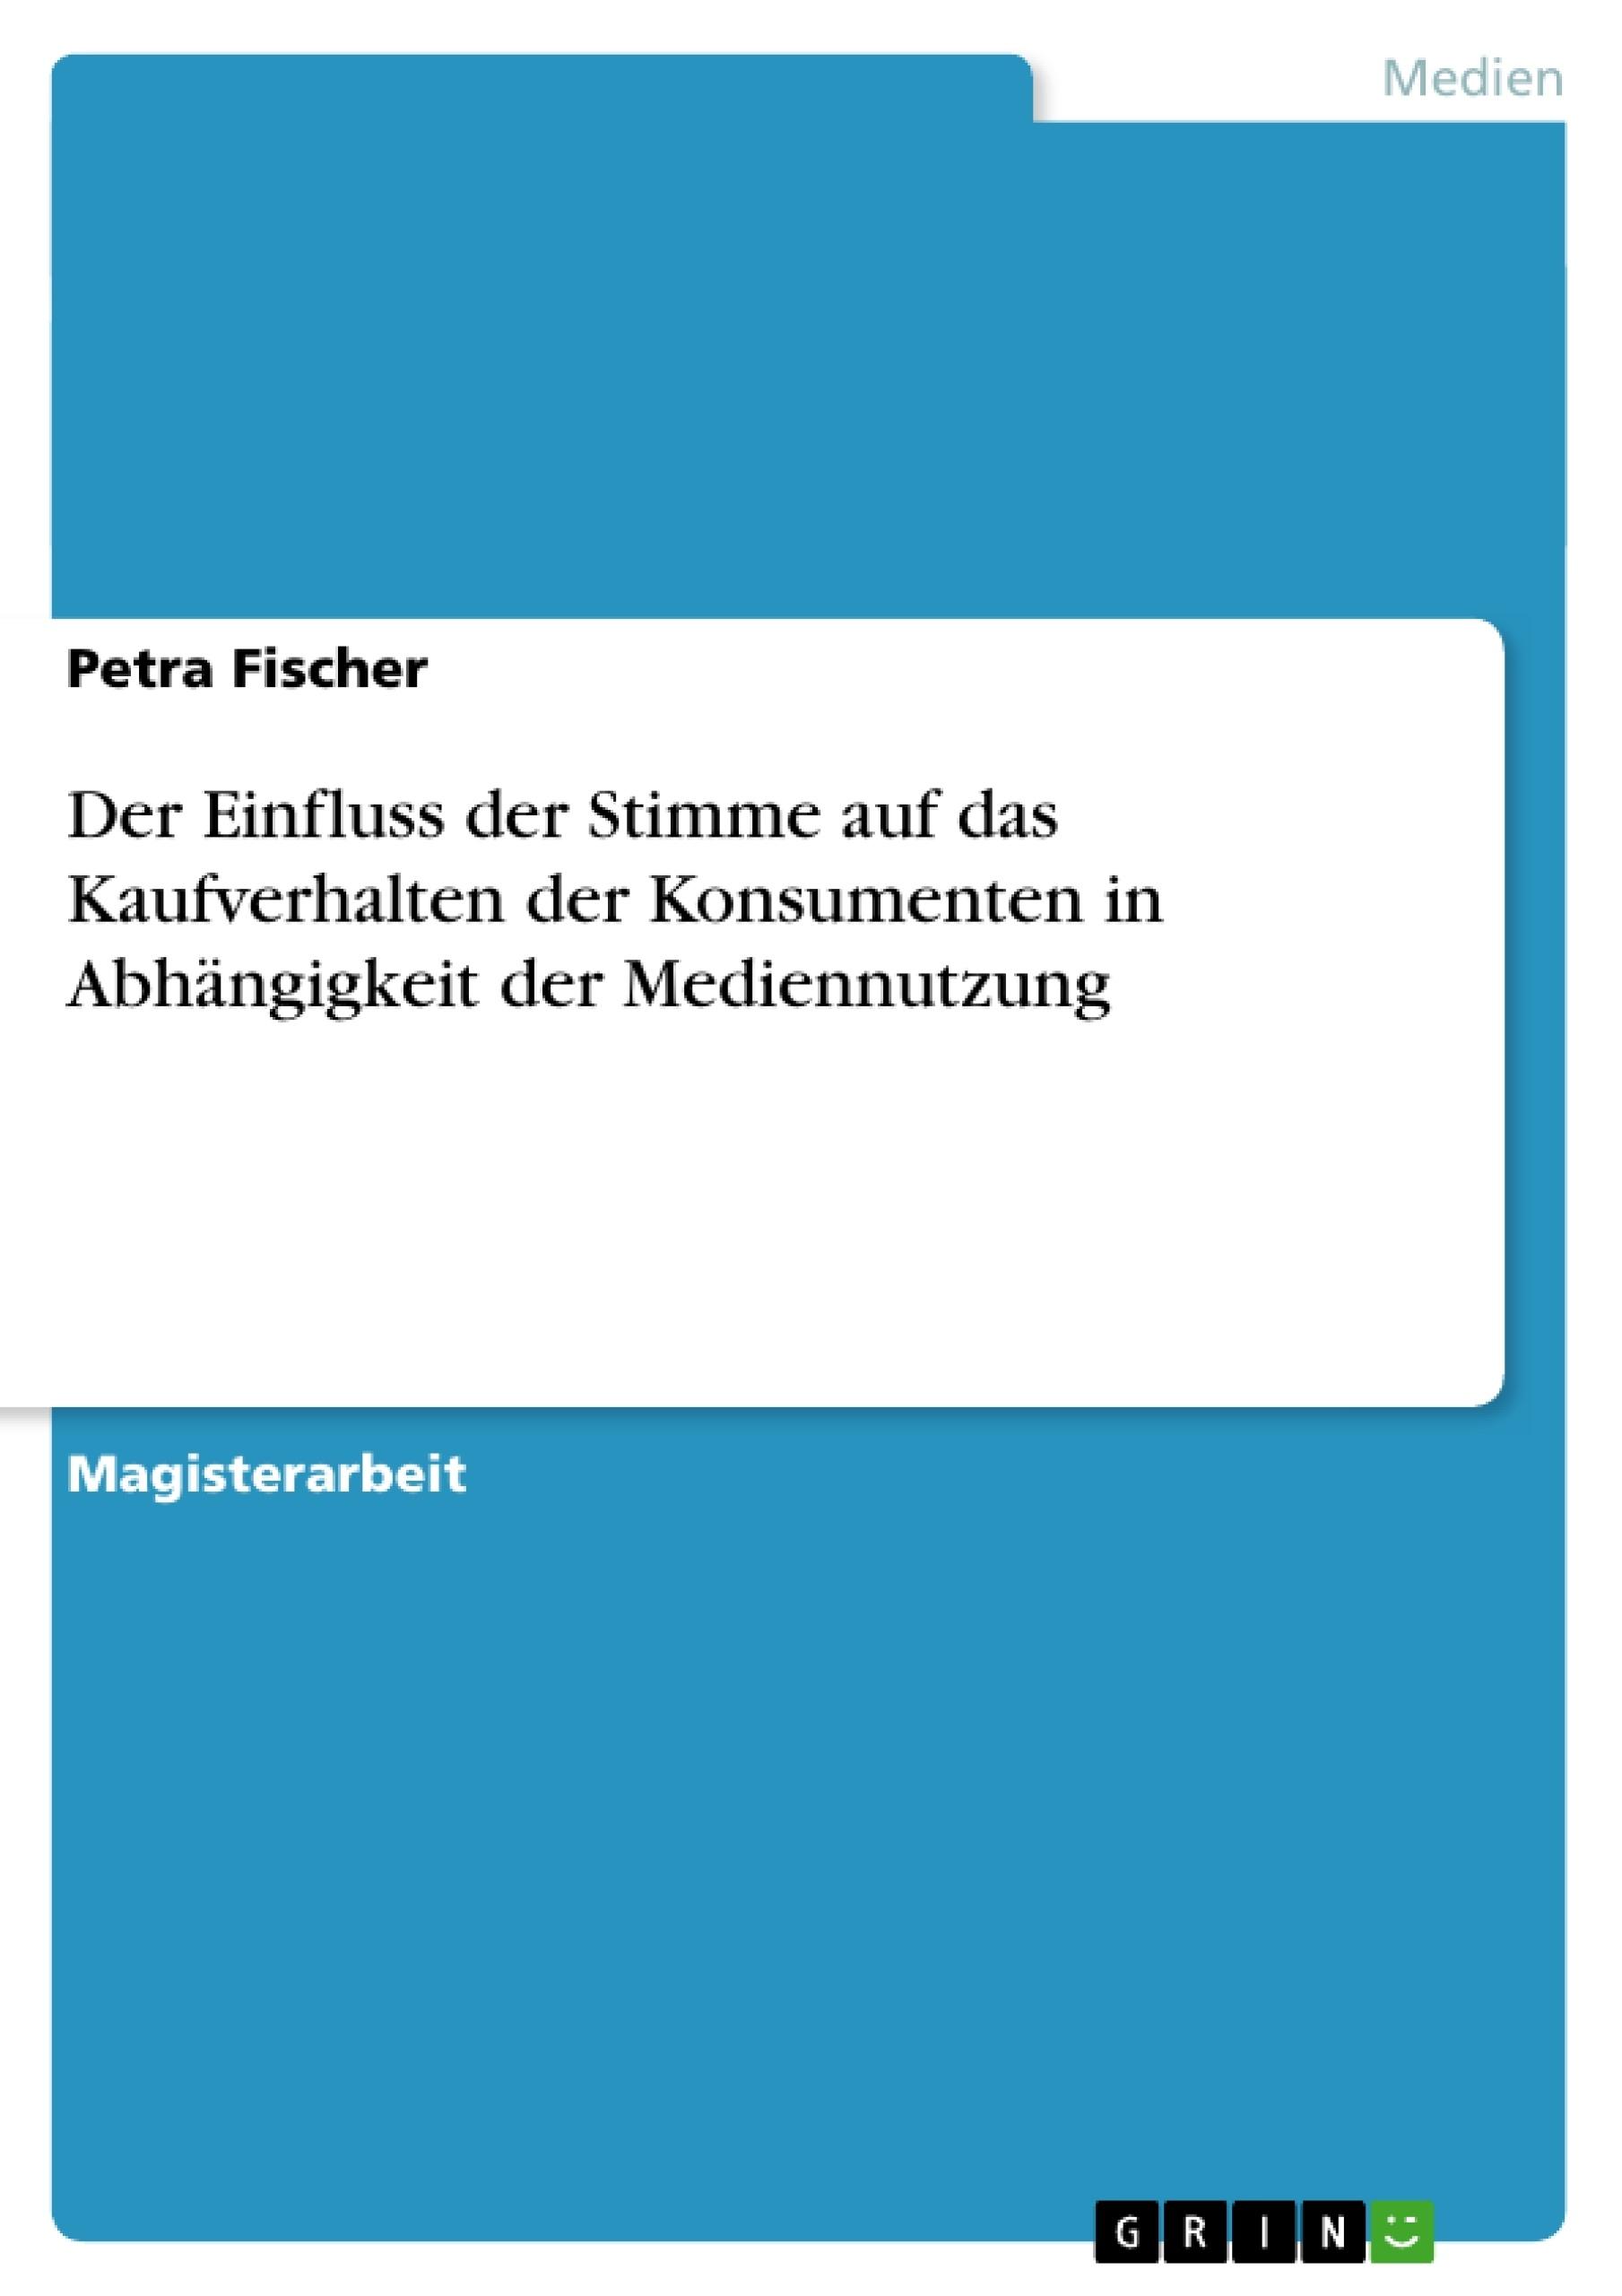 Titel: Der Einfluss der Stimme auf das Kaufverhalten der Konsumenten in Abhängigkeit der Mediennutzung